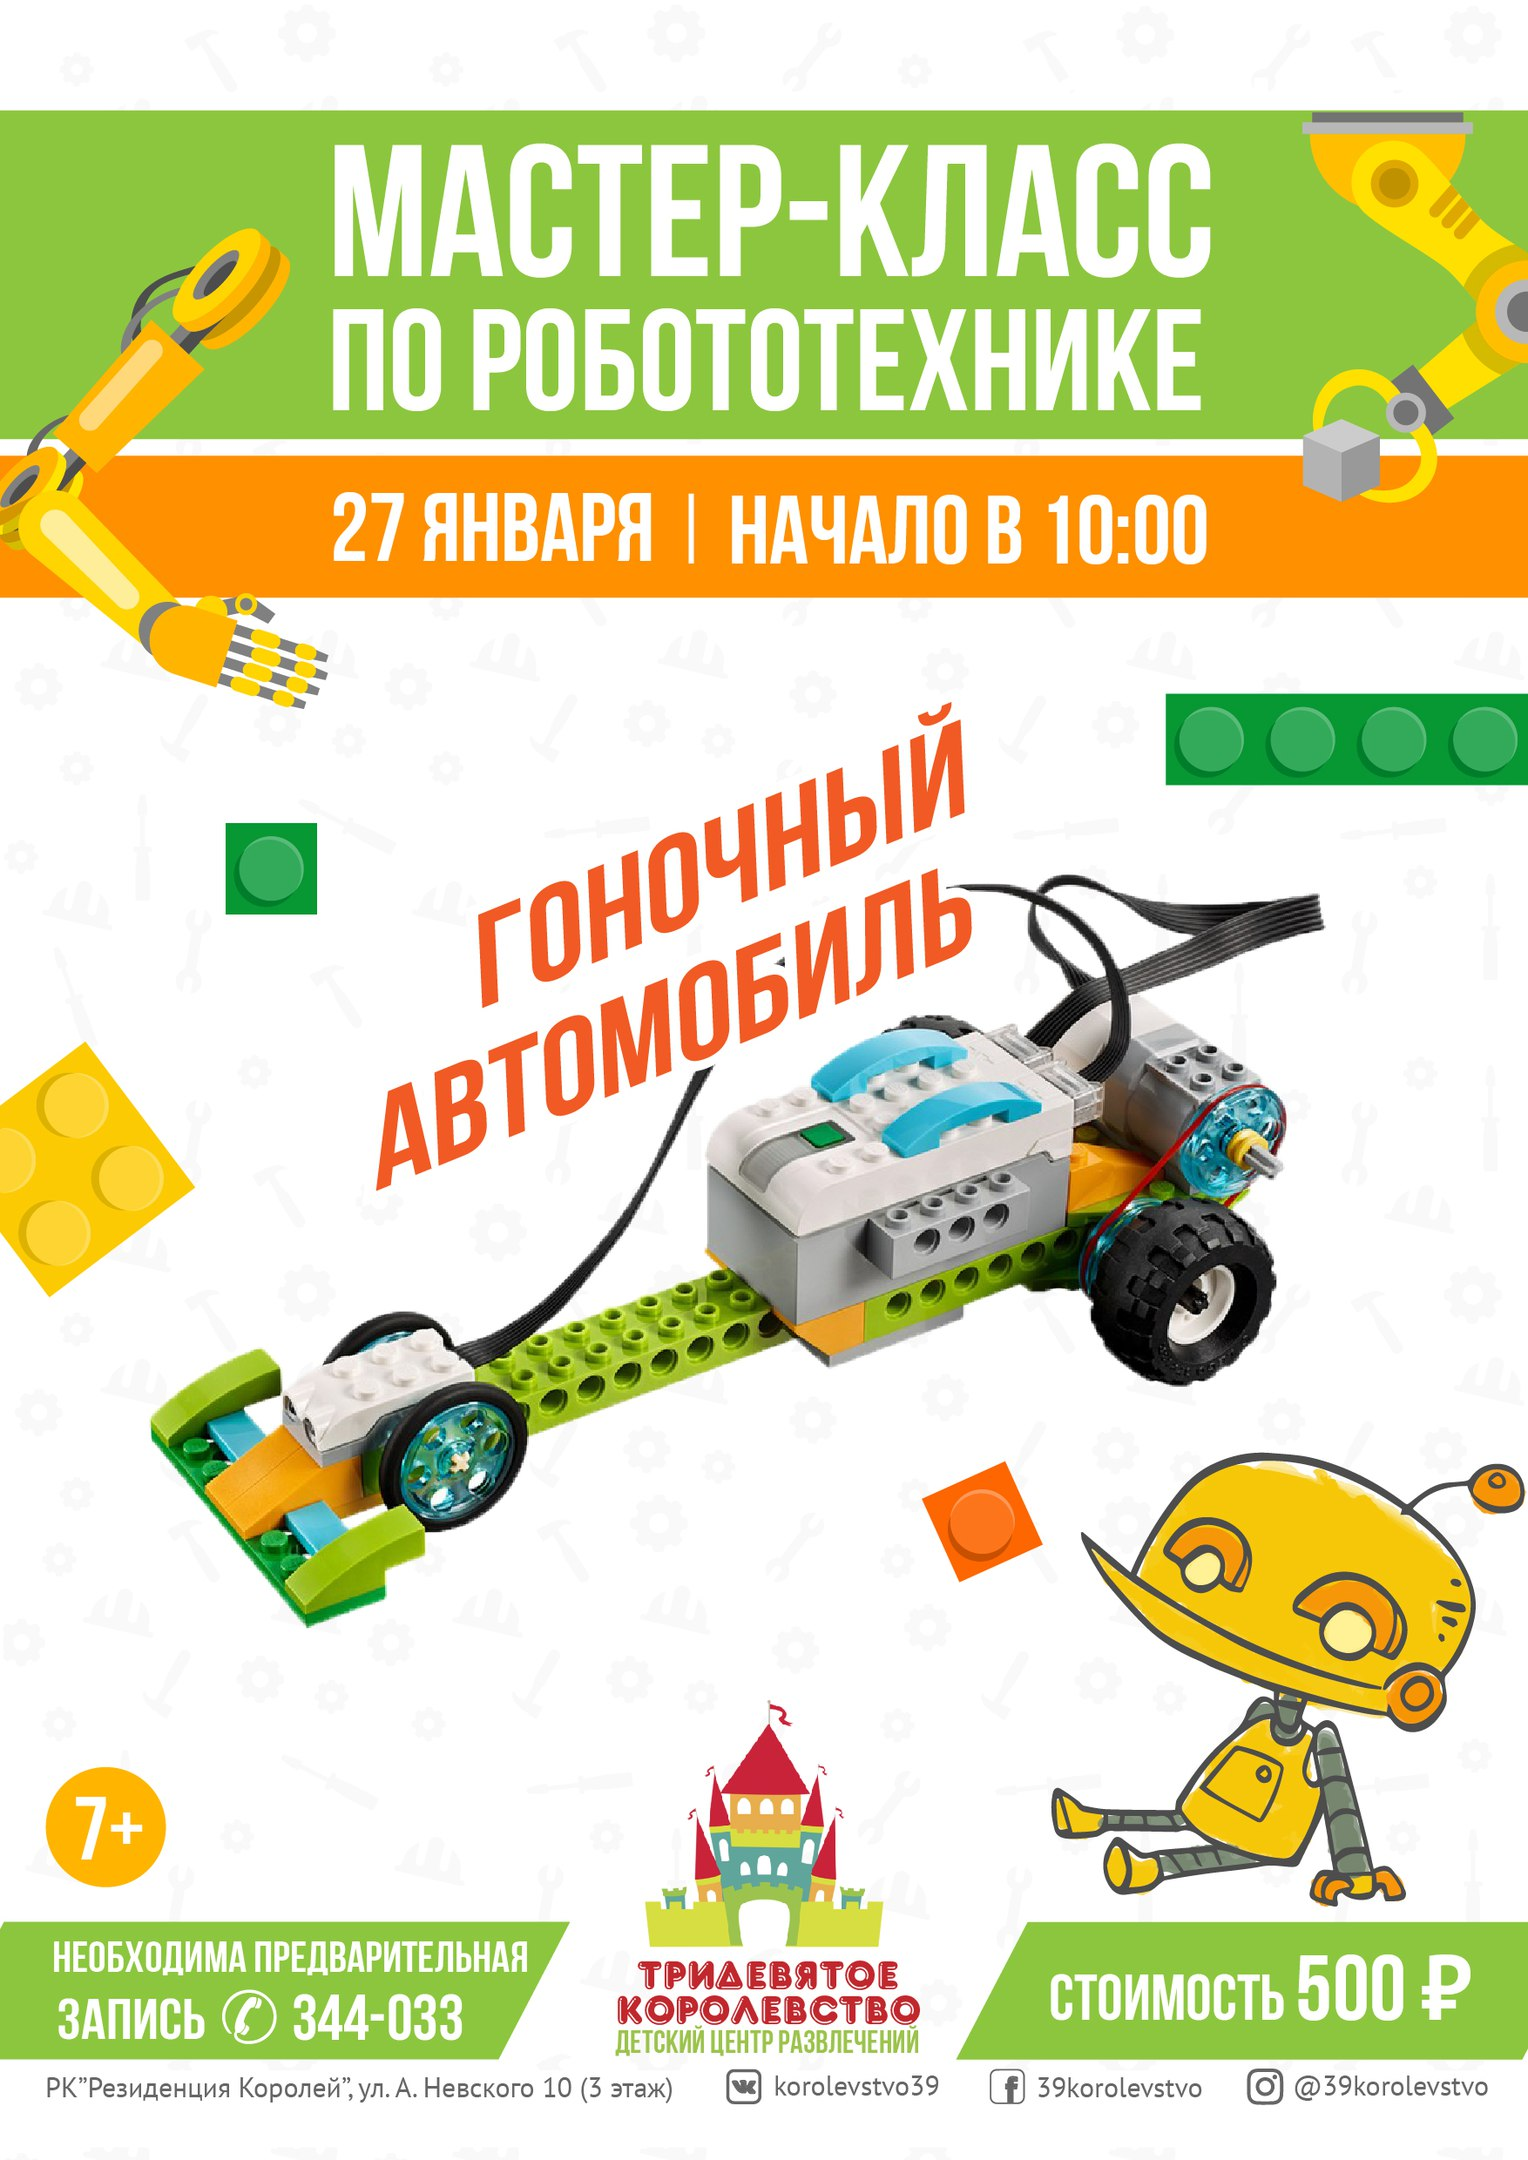 27 января гоночный автомобиль